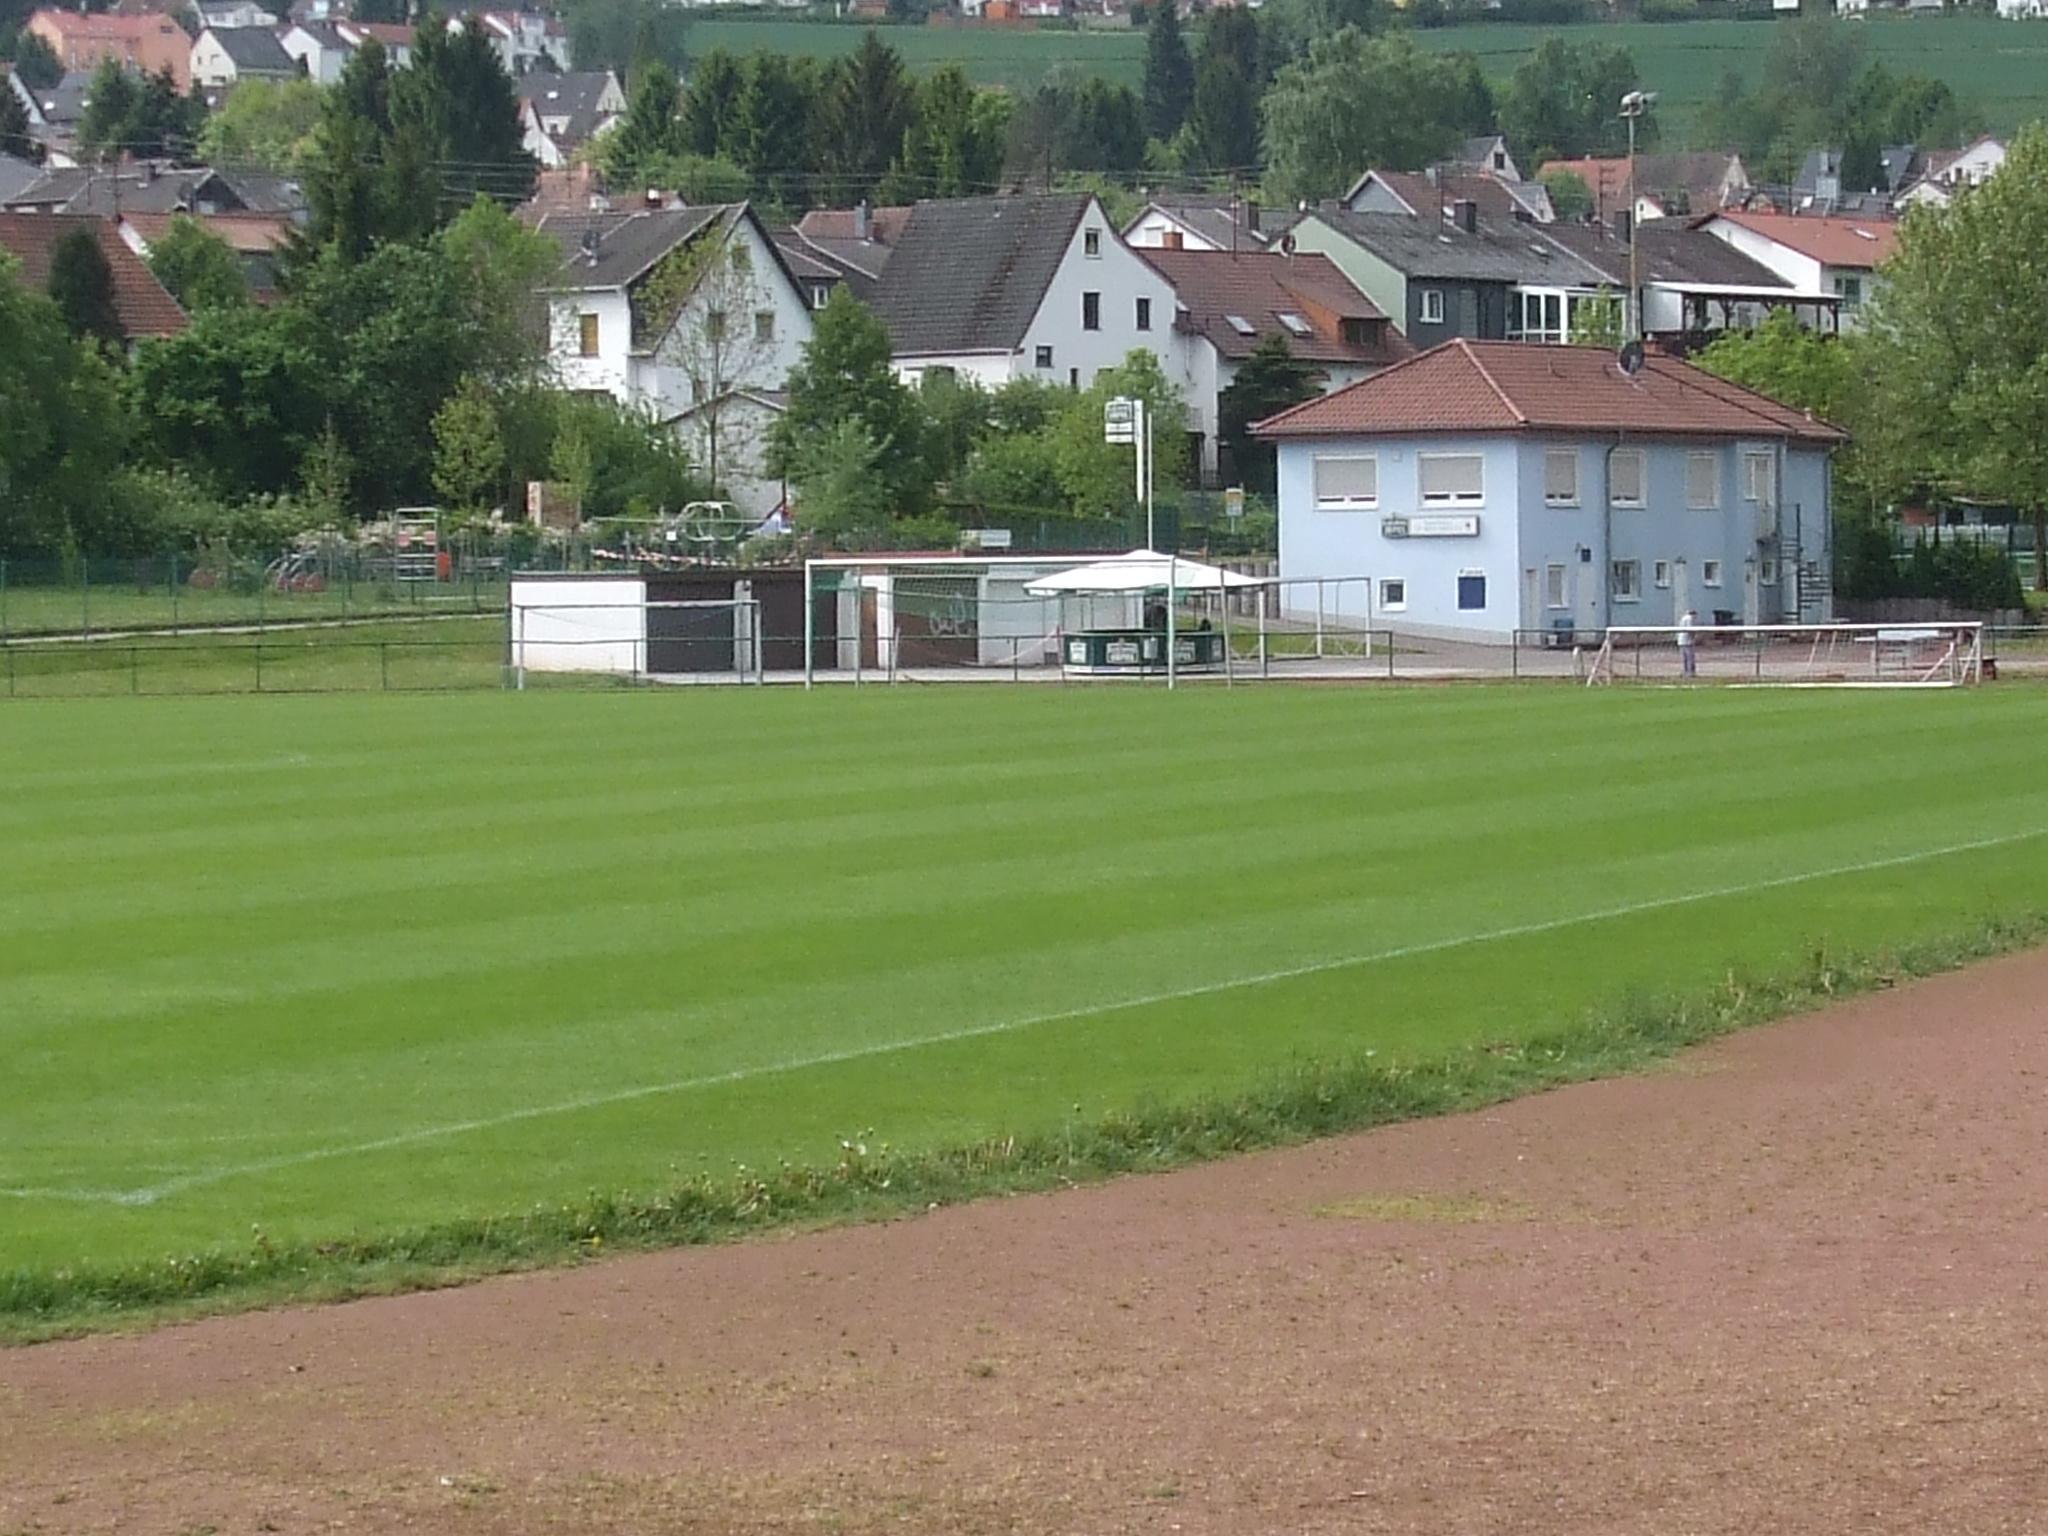 Stadion am Wäldchen